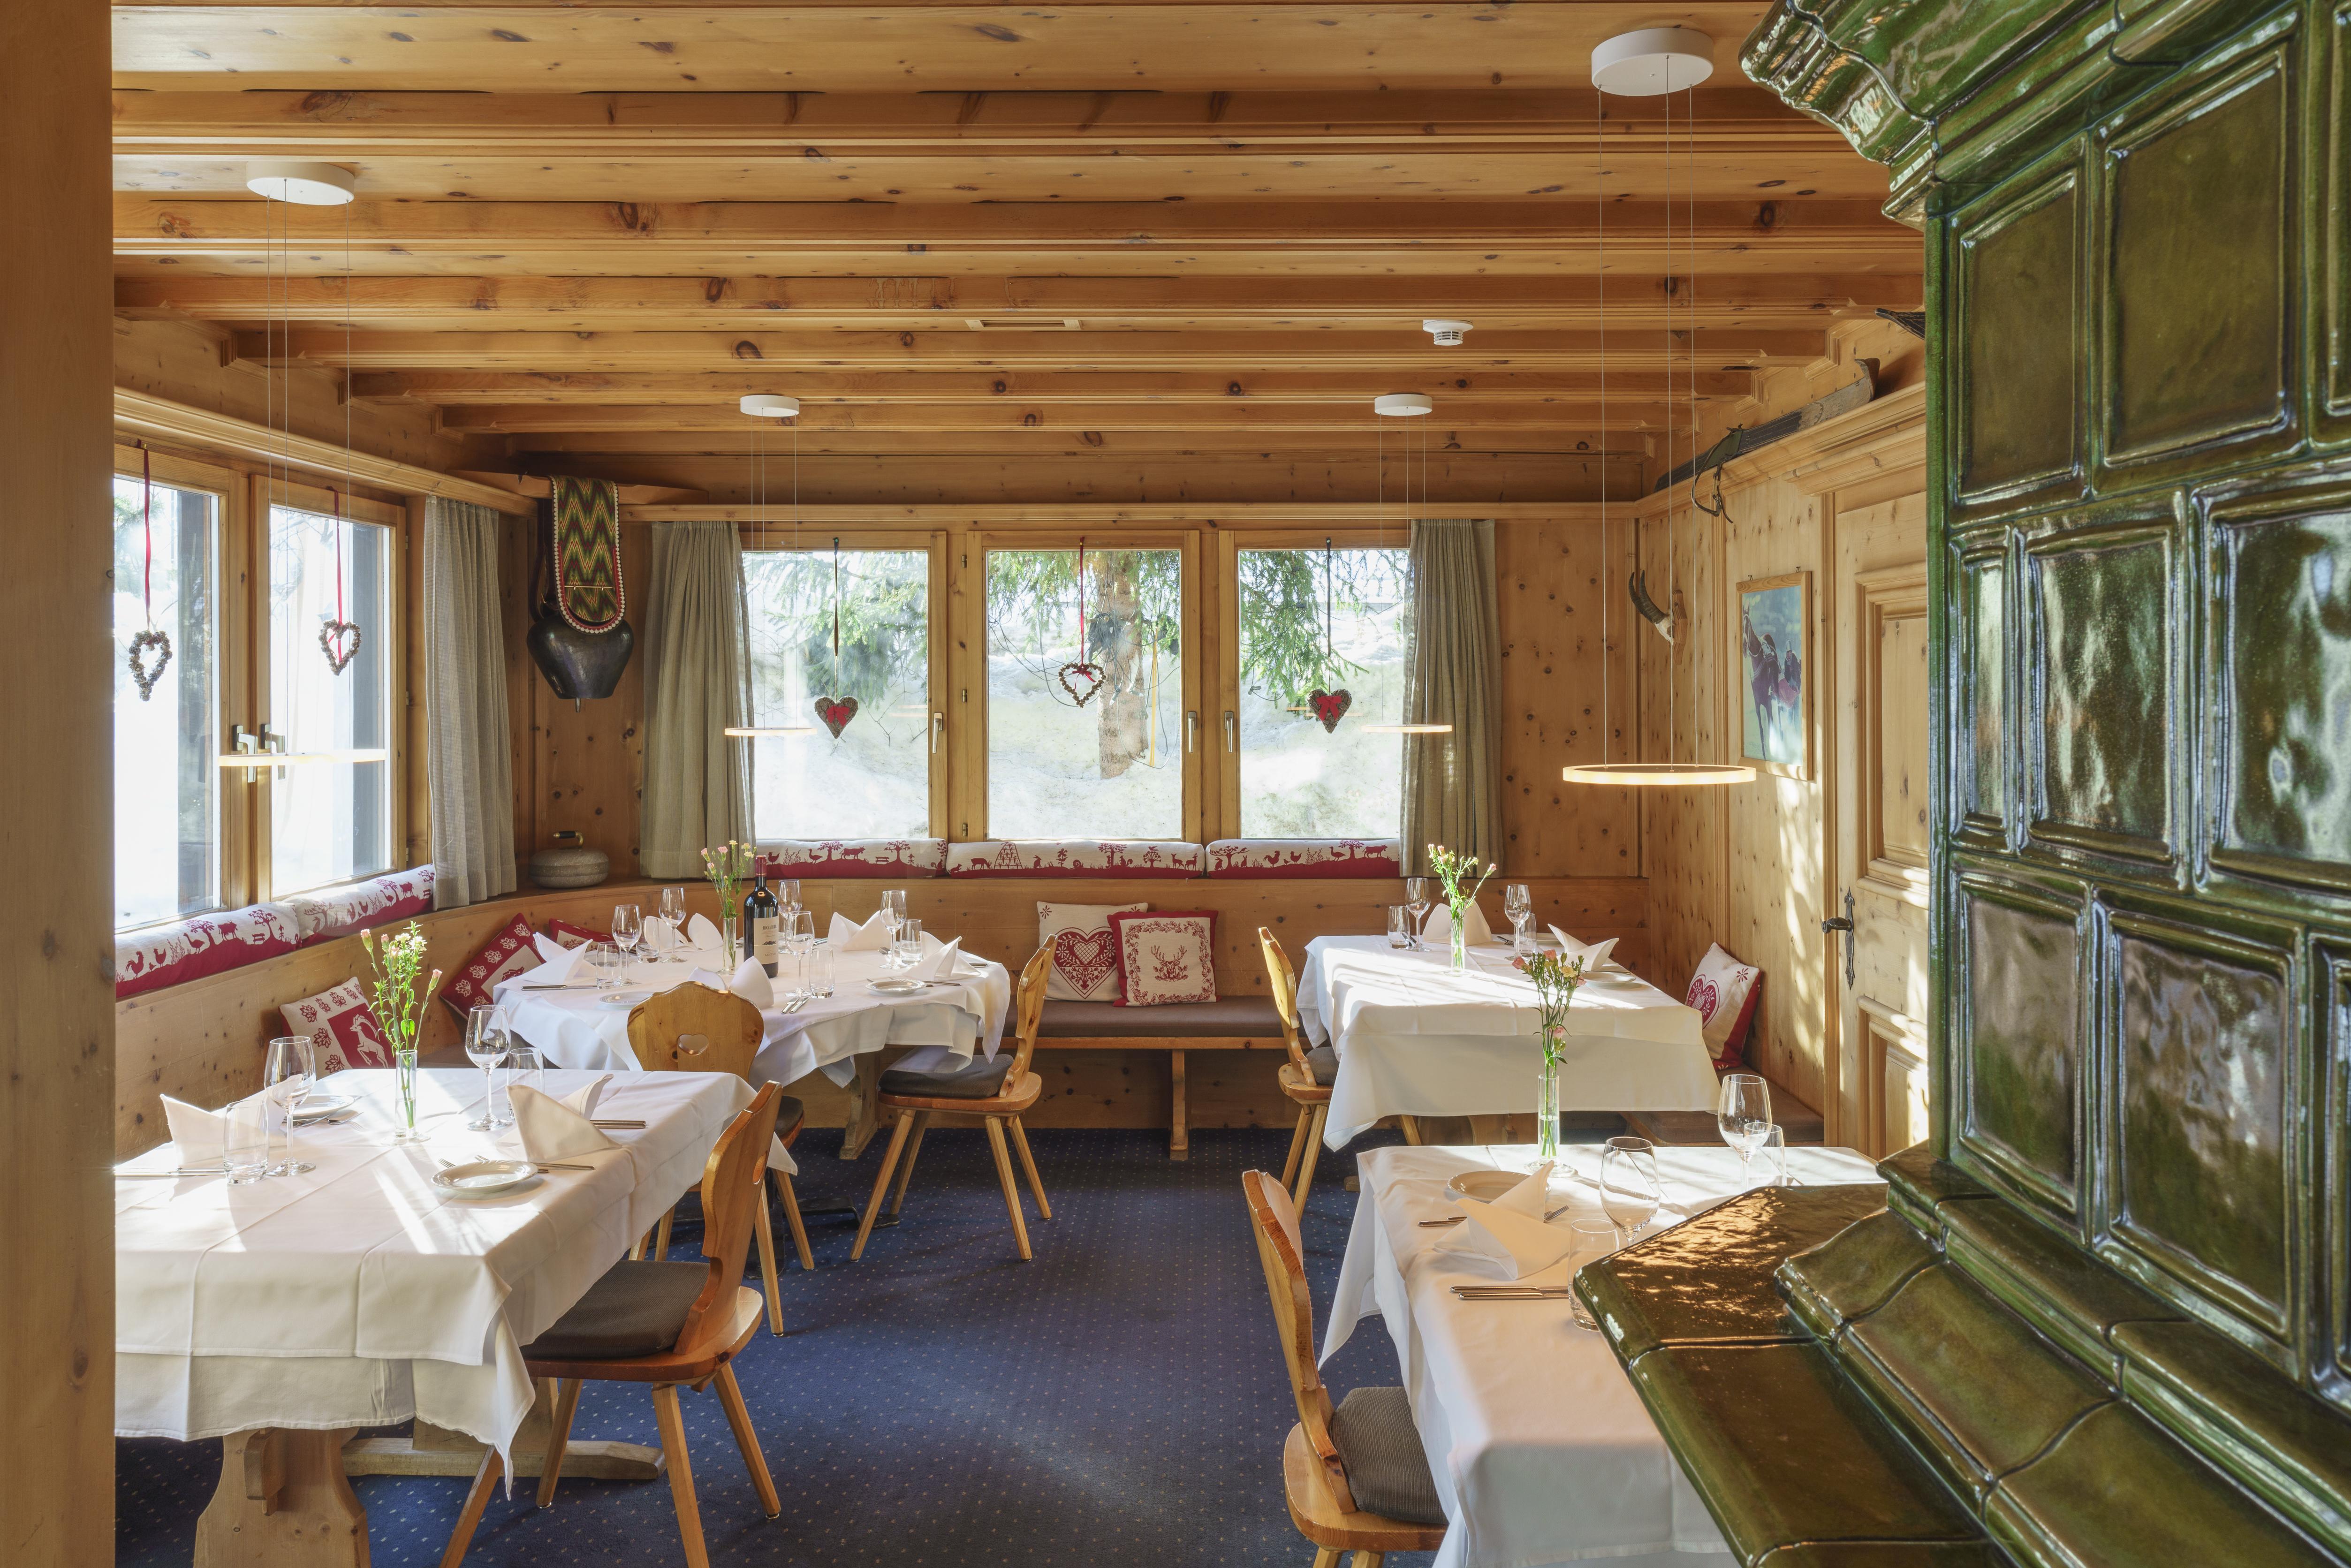 Restaurant Saluver Slide 3